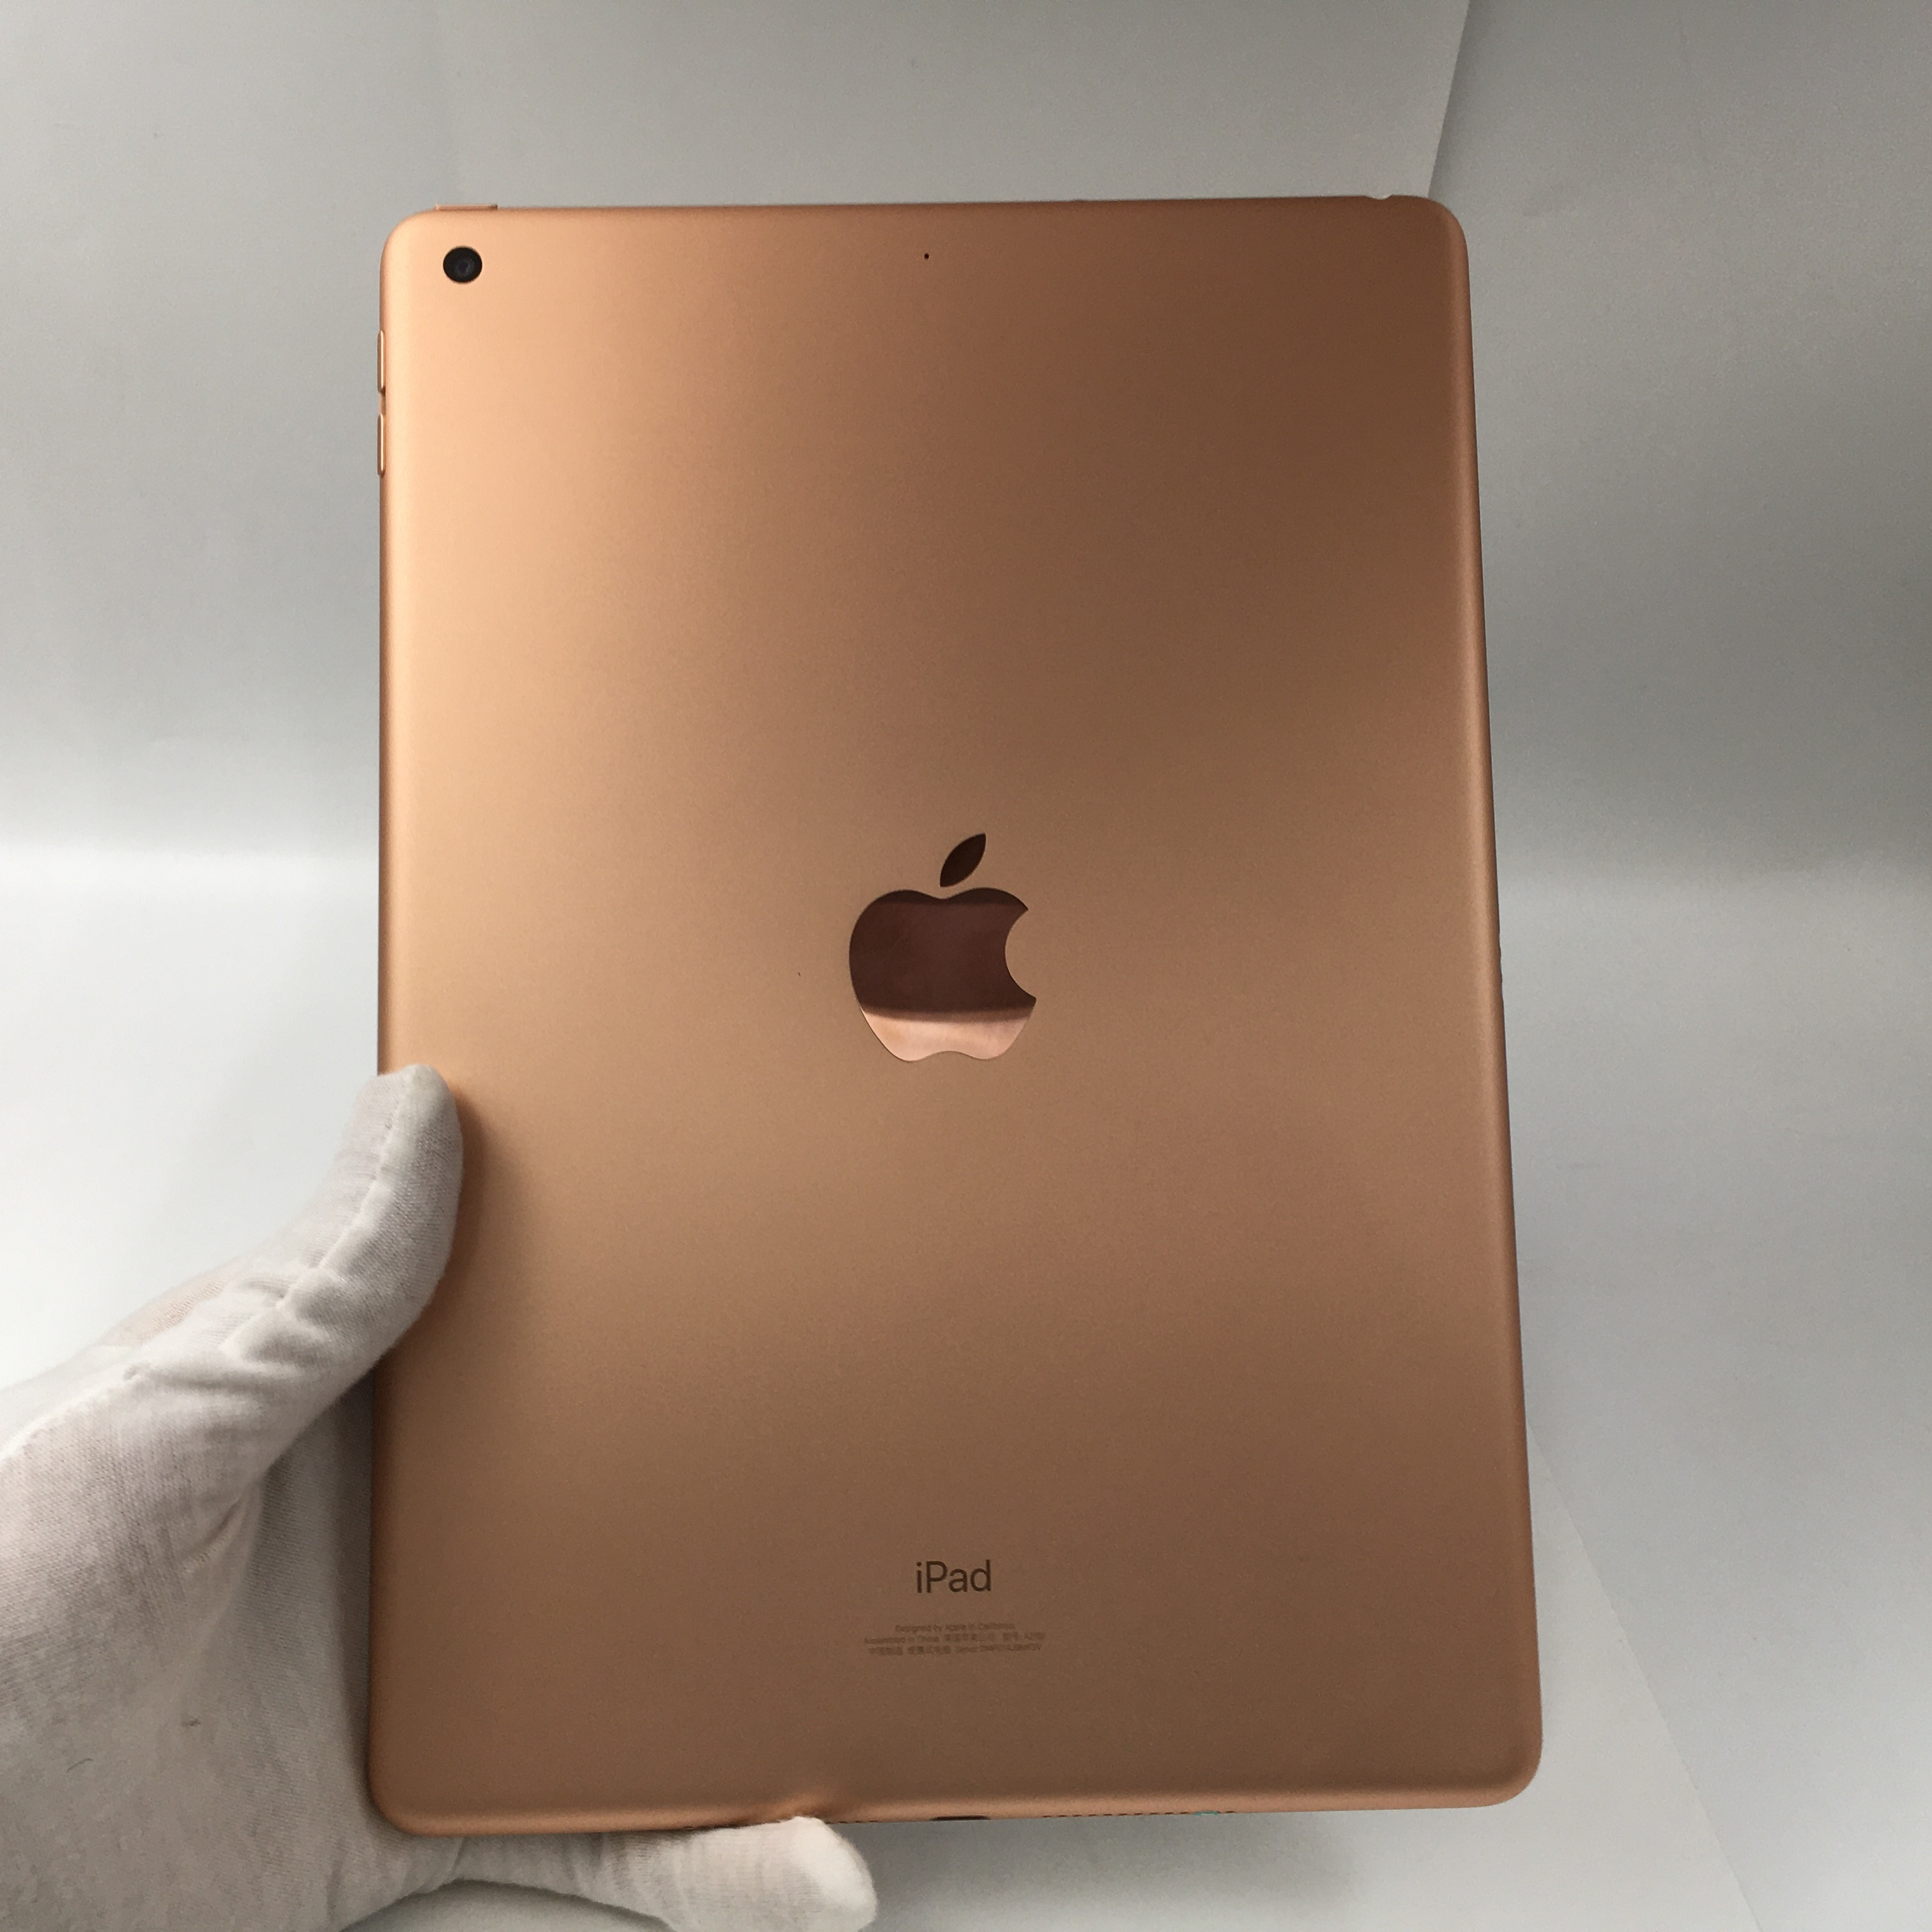 苹果【iPad 2019款10.2英寸】WIFI版 金色 128G 国行 95新